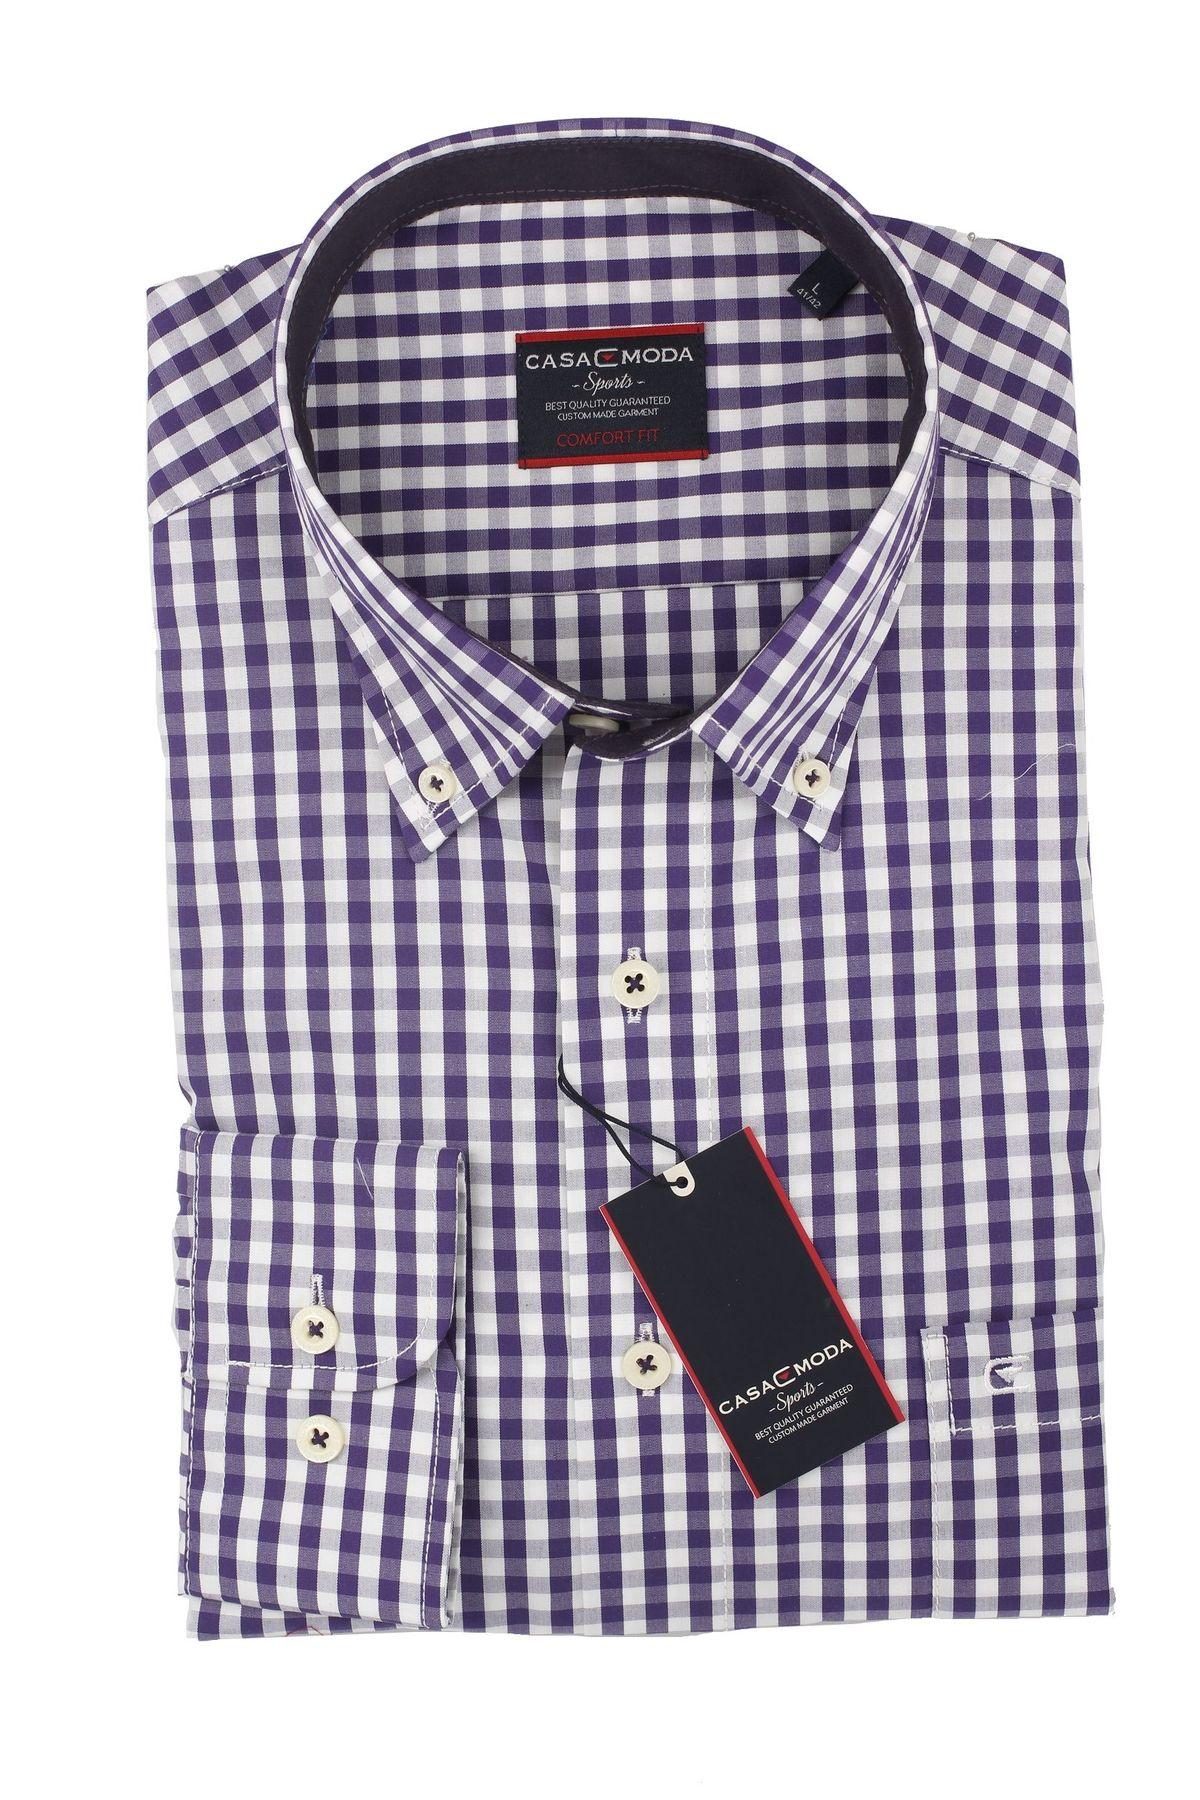 Casa Moda - Comfort Fit - Herren Hemd mit Karo Muster und Button Down Kragen (462722800 A) – Bild 1